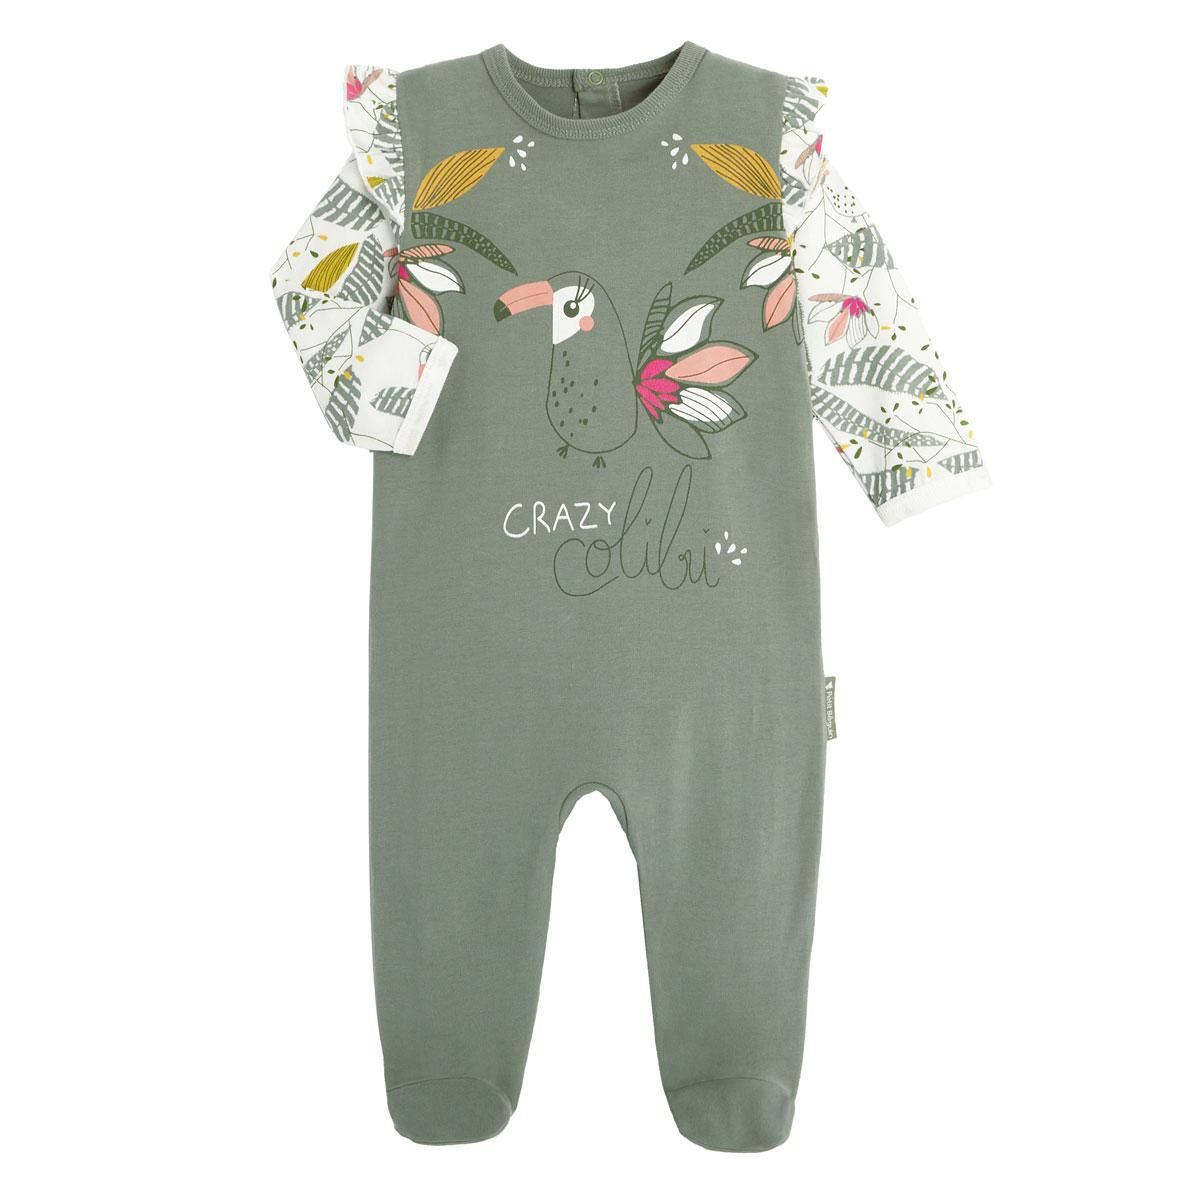 Pyjama bébé contenant du coton bio Crazy Colibri